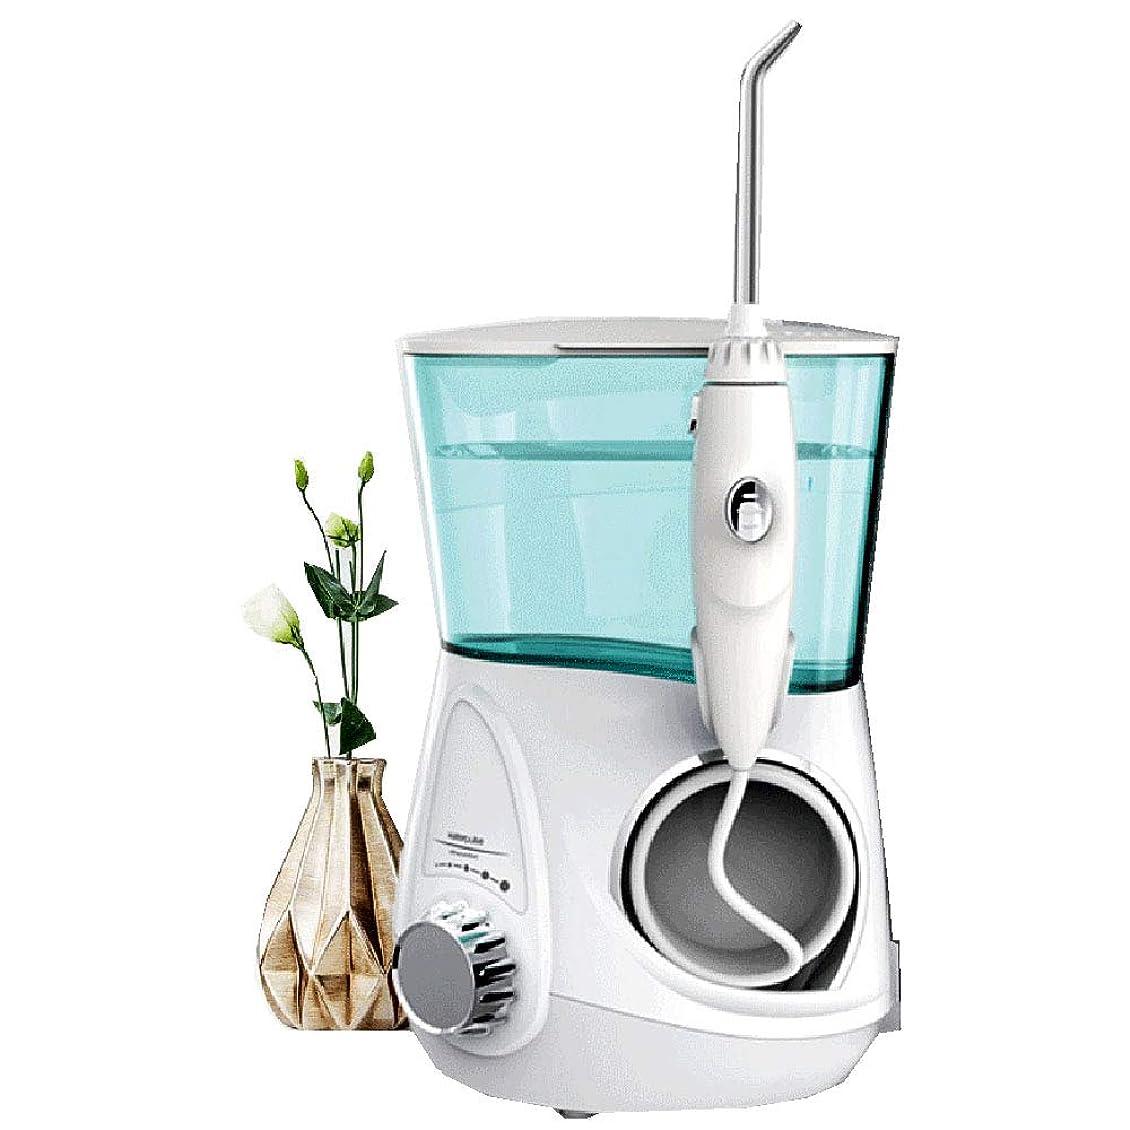 意欲美容師製造電気の 歯科用 カウンタートップ 口腔洗浄器 歯のために ウォーターフロス マッサージ機能付き 7交換可能 ブレース用ノズル